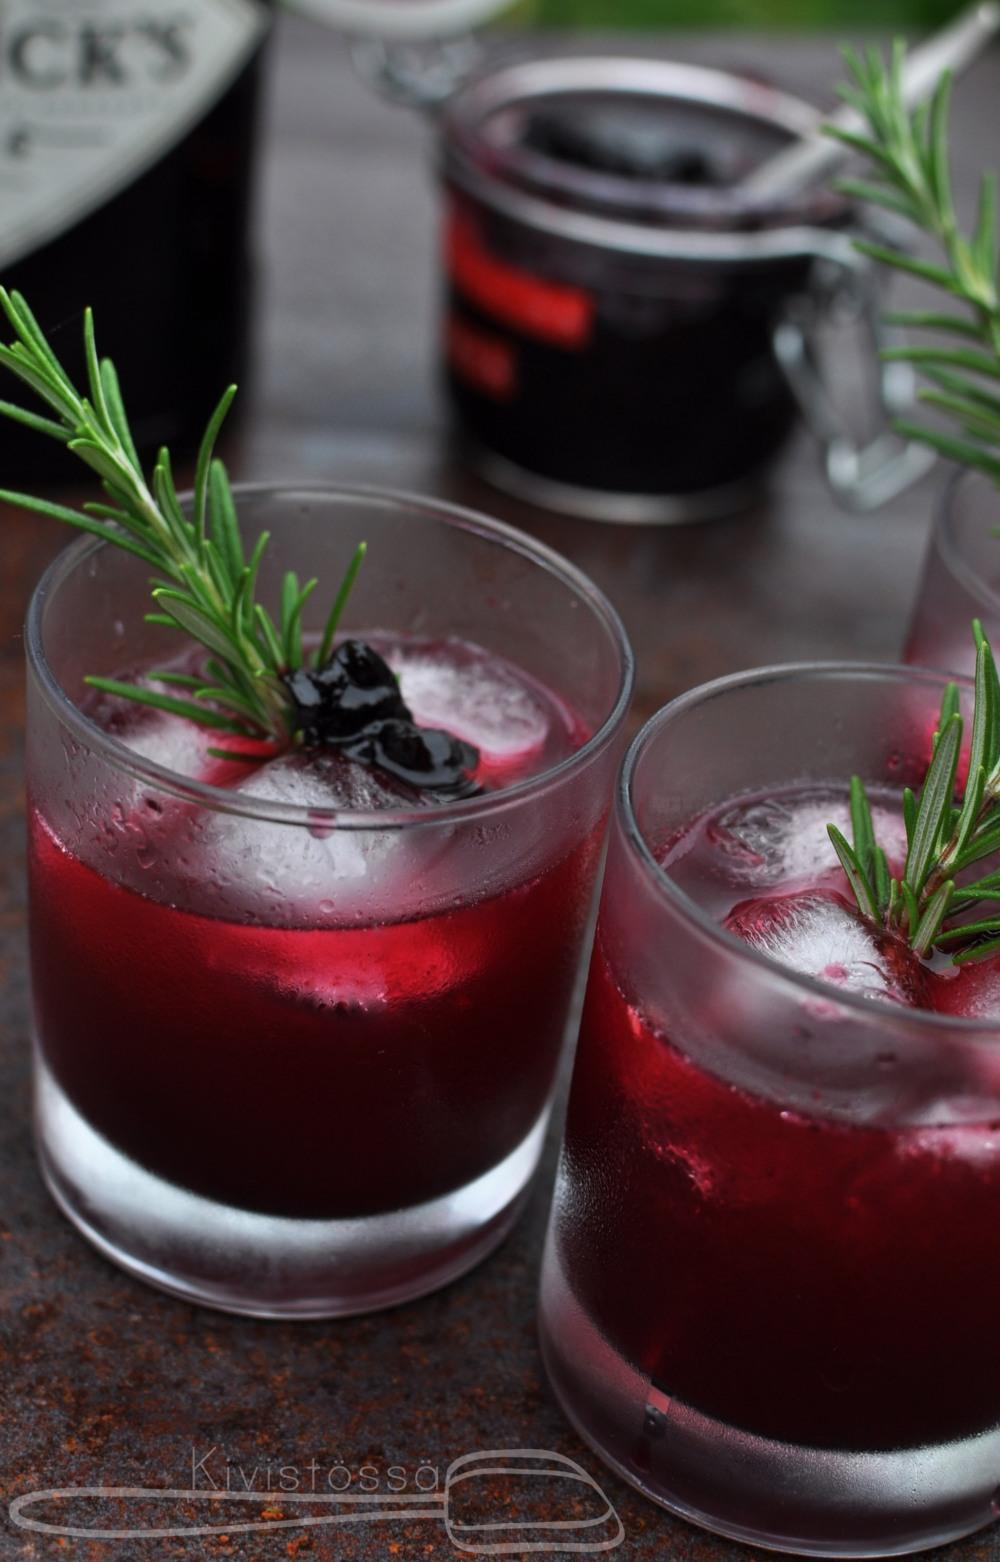 www.kivistossa.com Gin and Blueberry Jam